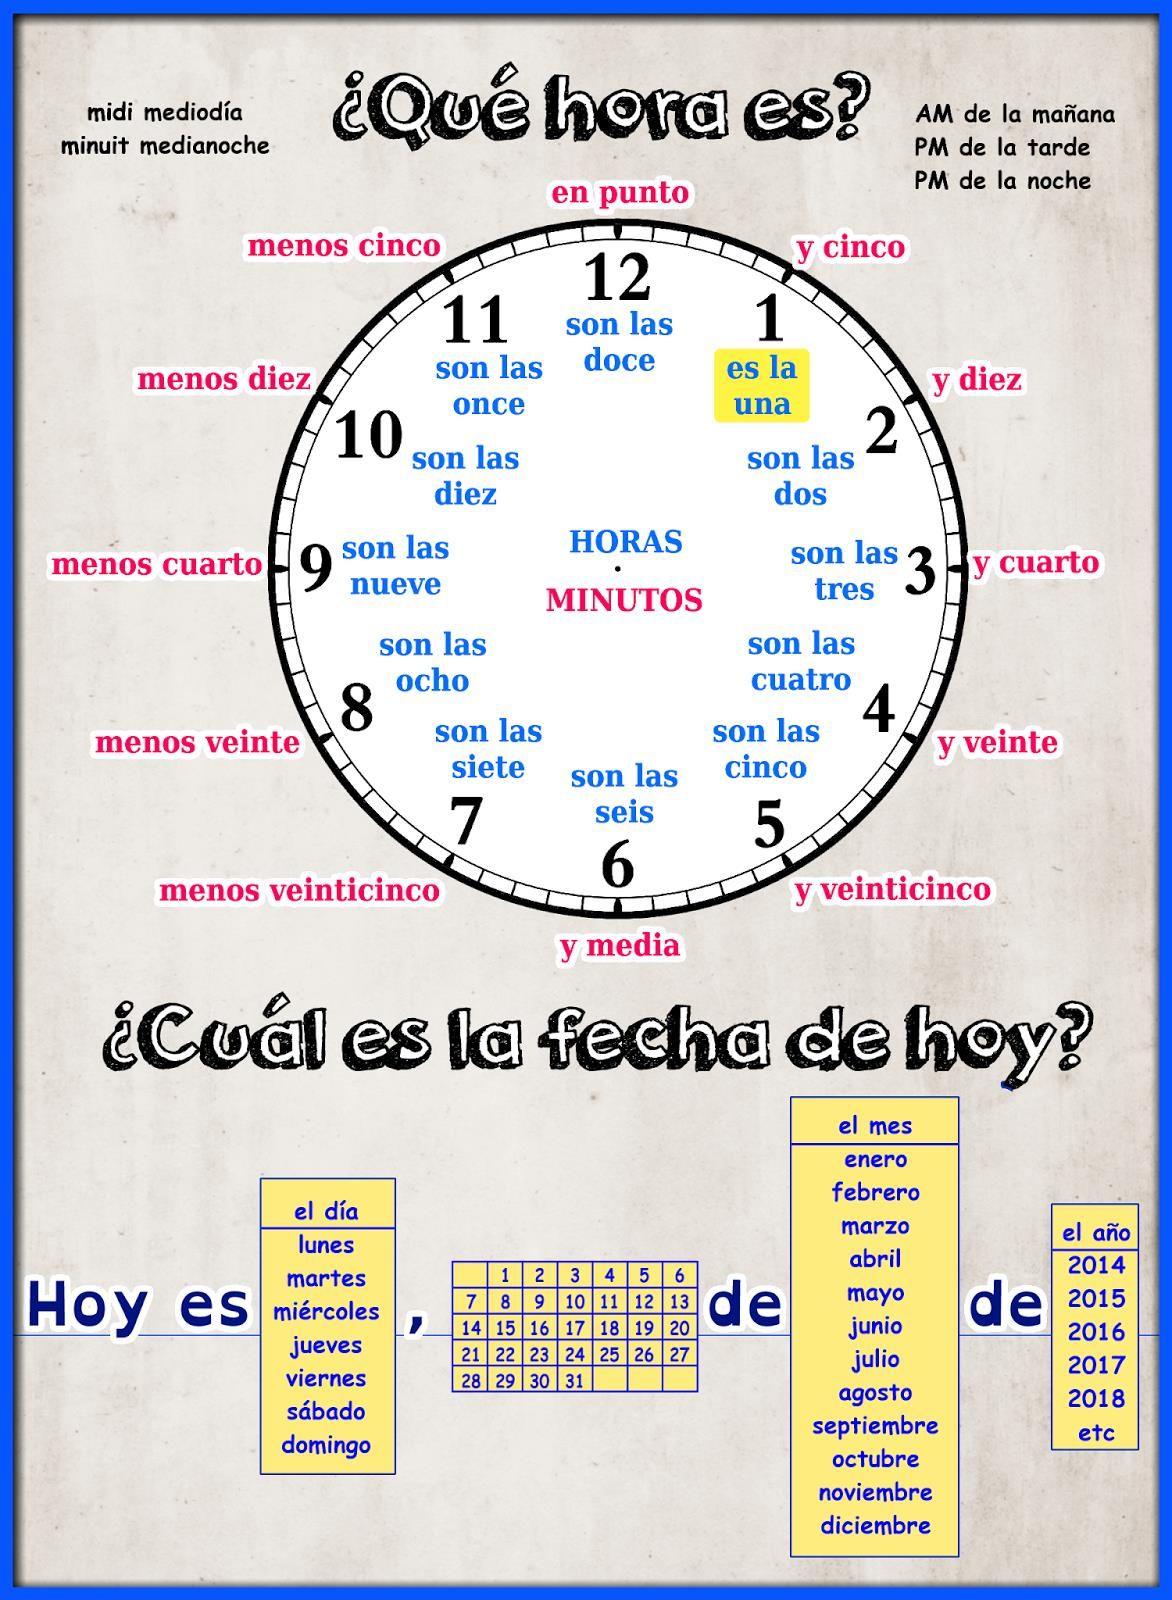 La Hora Y Fecha With Images